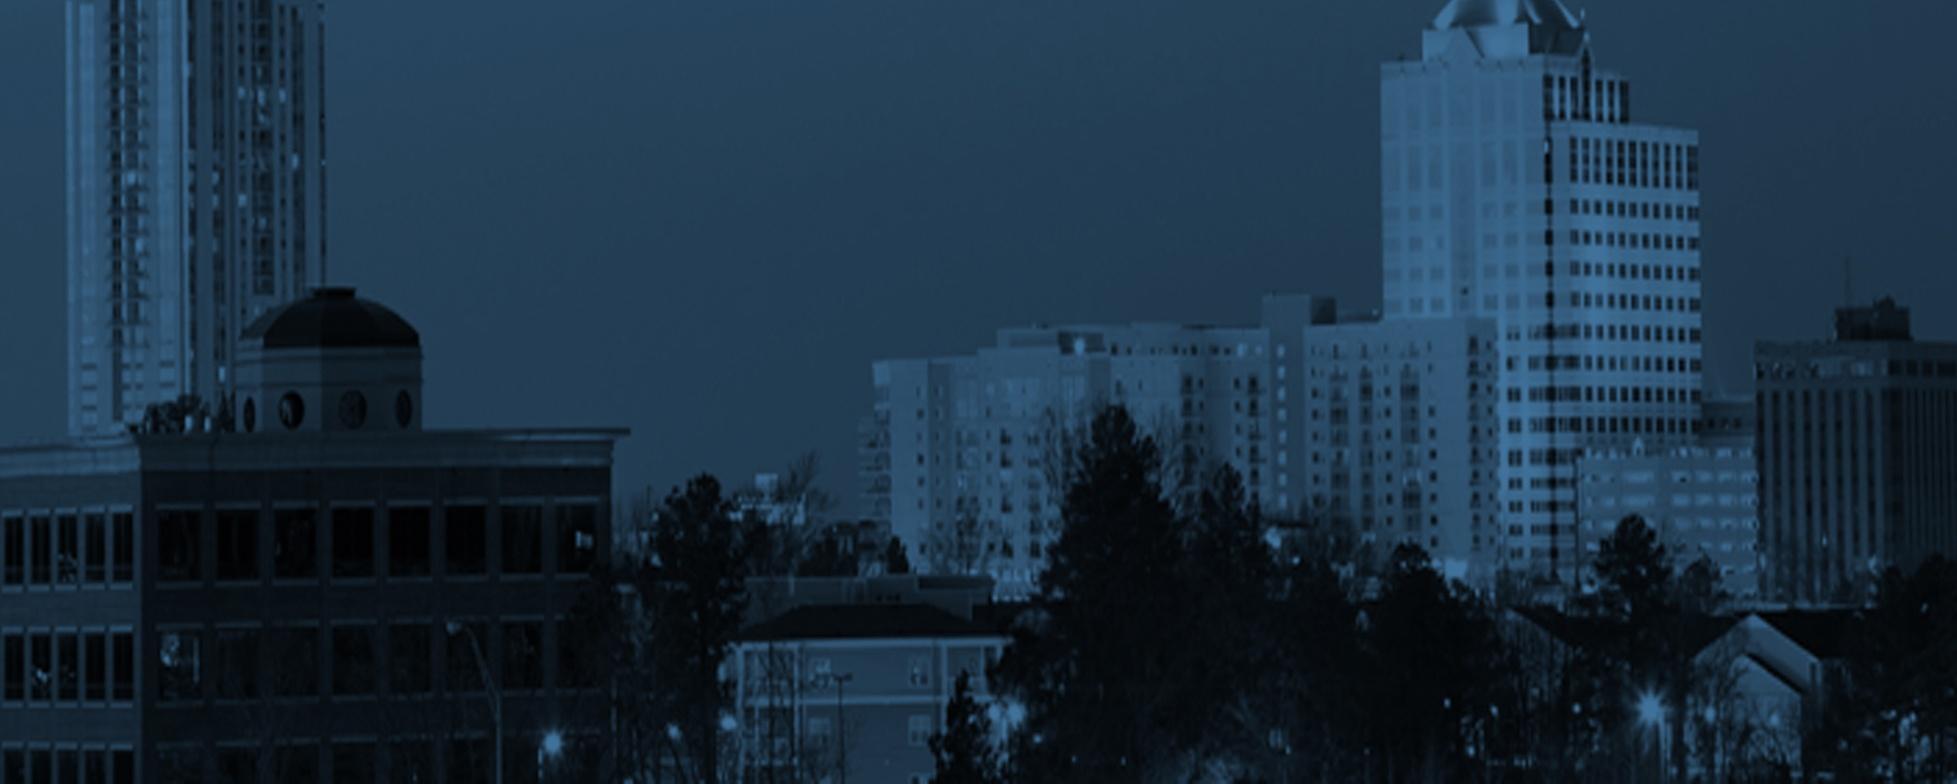 NFK-Slider-Skyline-1.jpg